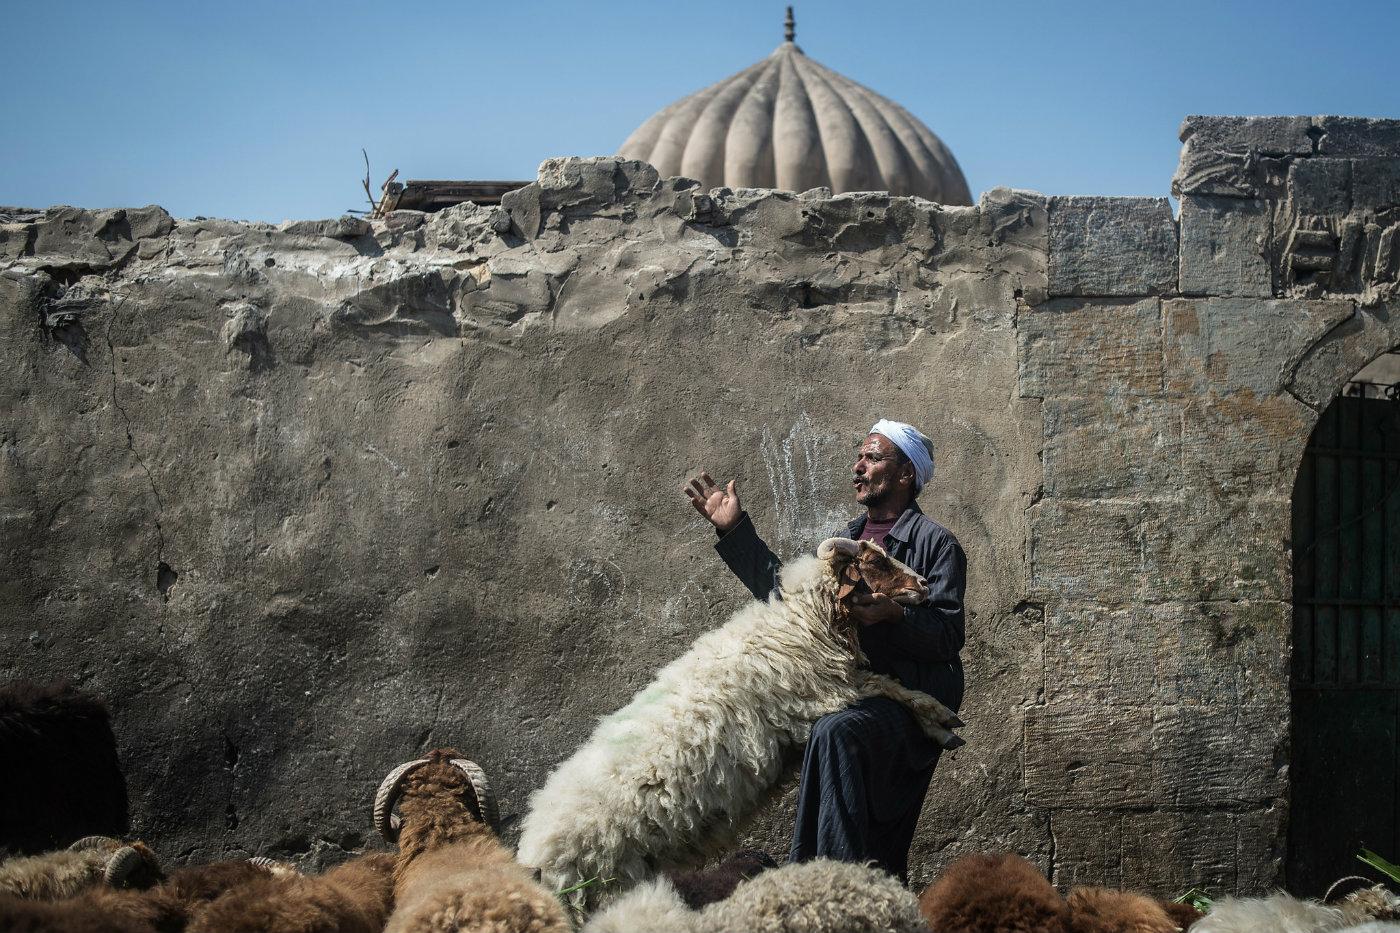 Chi sono i vegani musulmani convinti che l'industria della carne sia contraria all'Islam